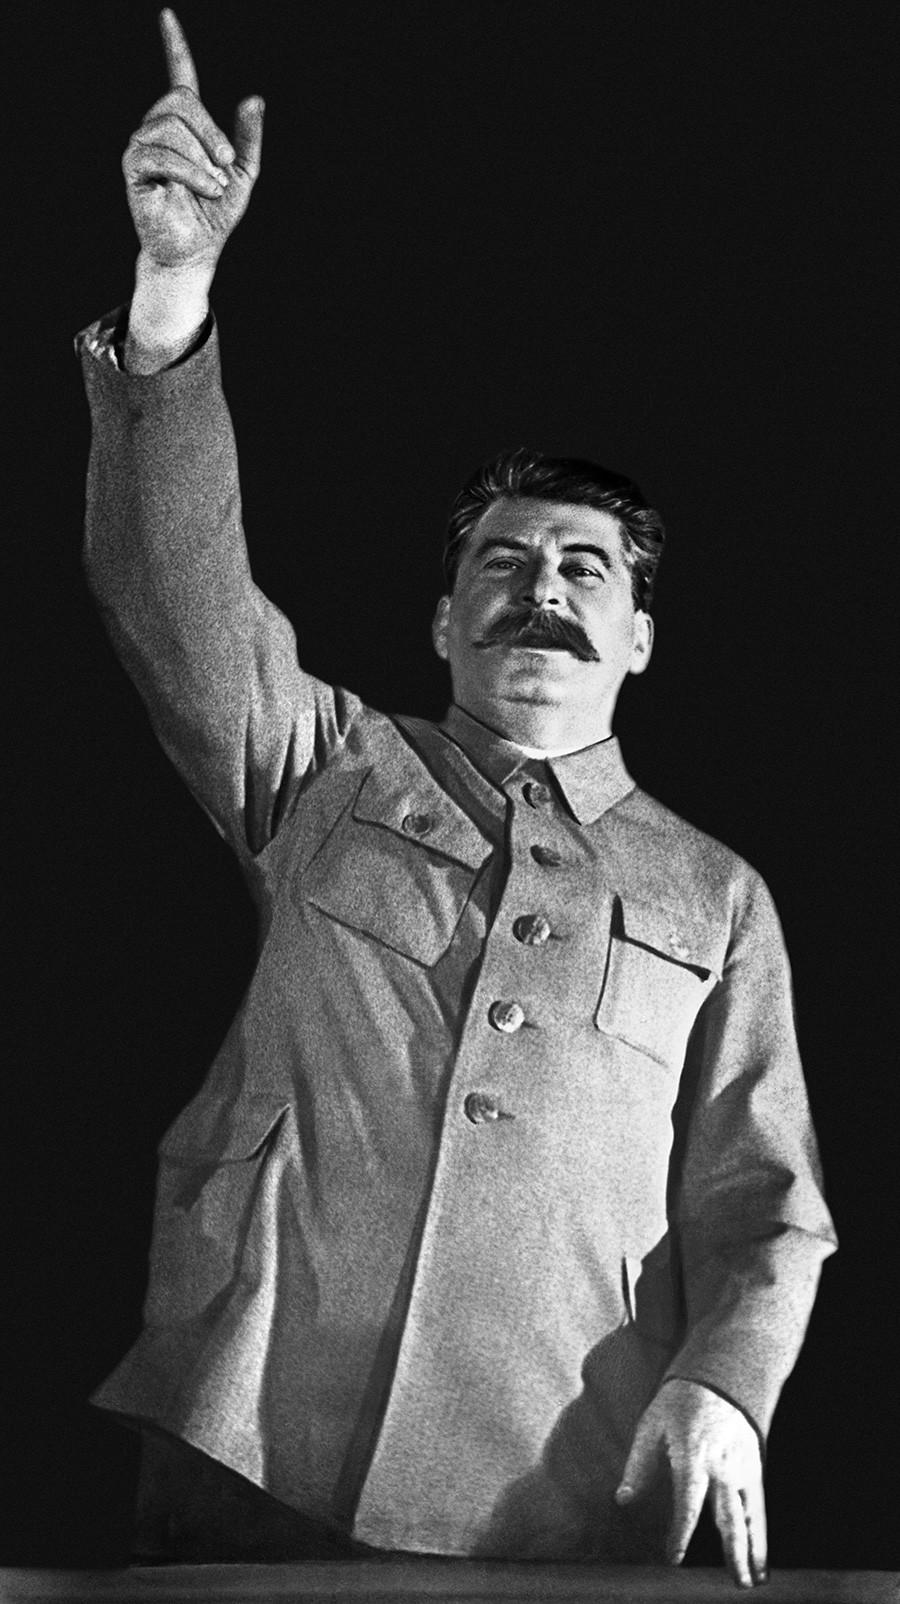 Йосиф Сталин (Джугашвили), генерален секретар на ЦК на ВКП на церемониална среща, посветена на пускането на московското метро.